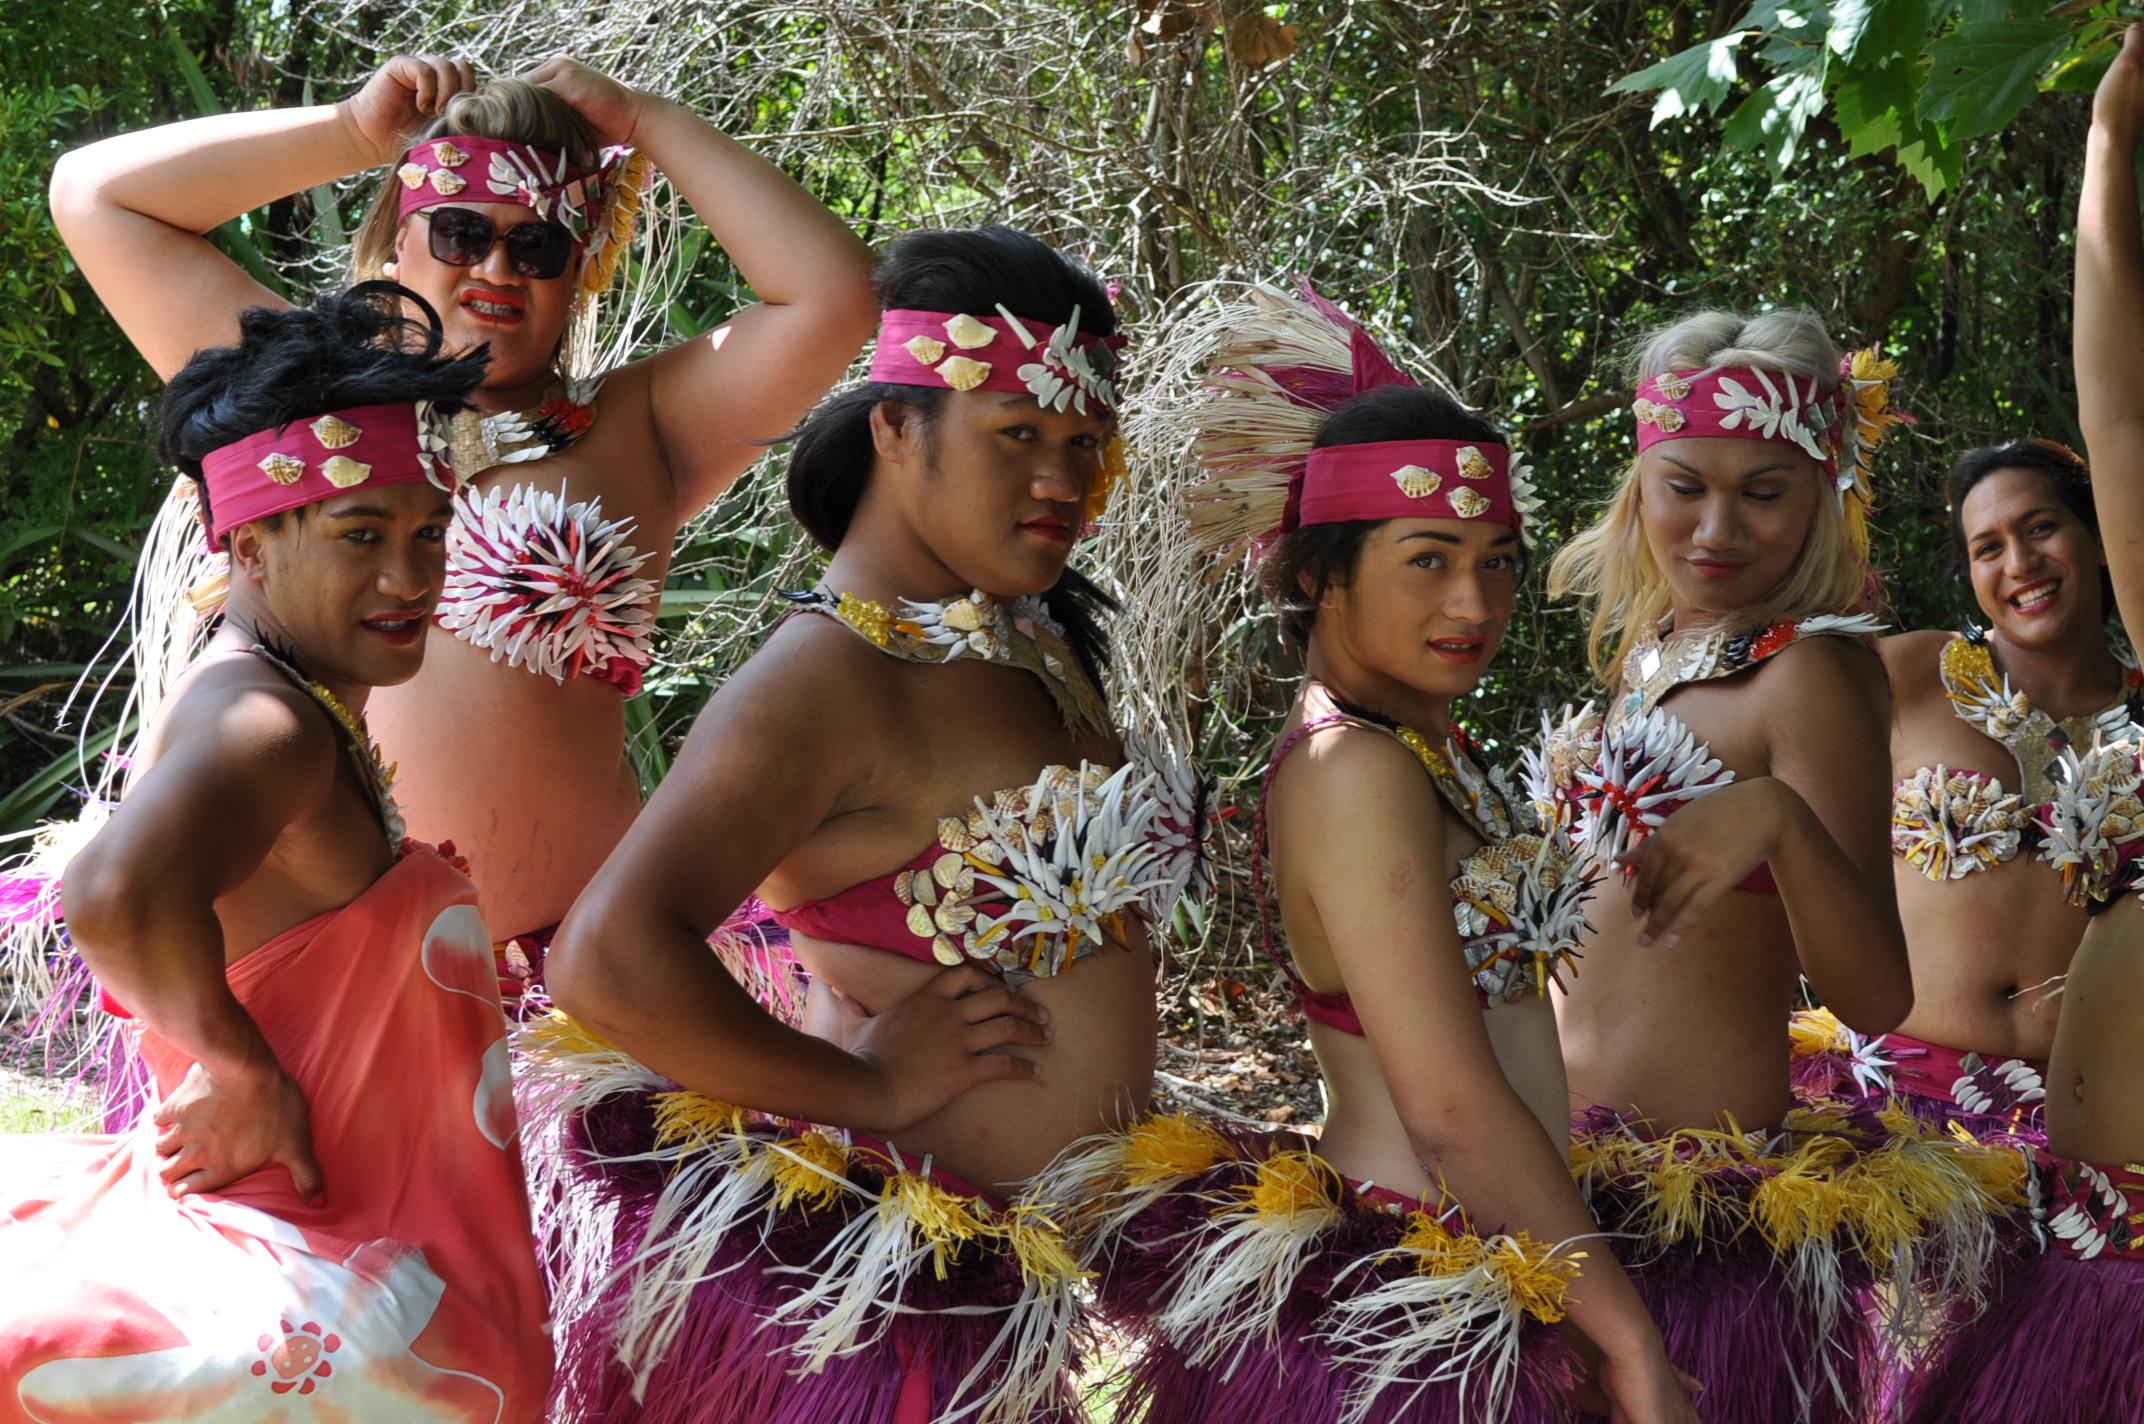 Samoan men dating white women 6